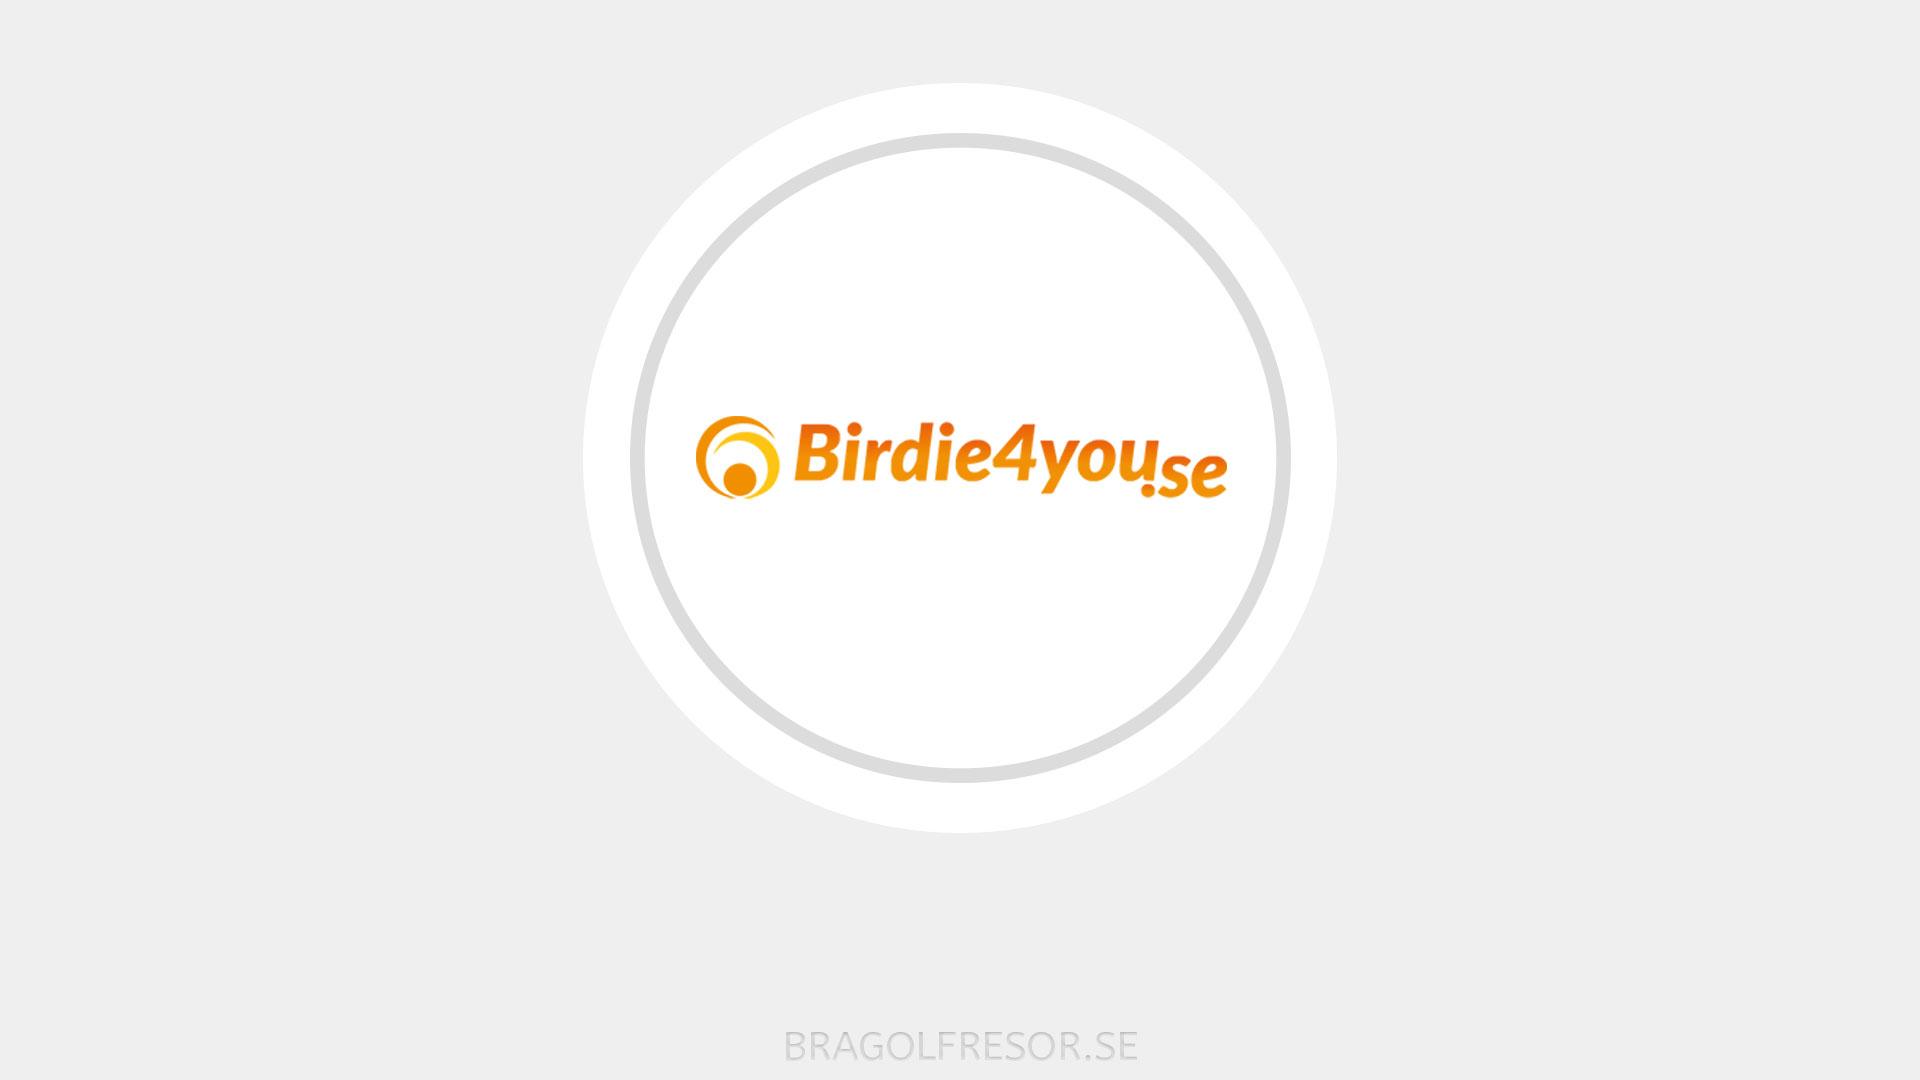 Birdie4you